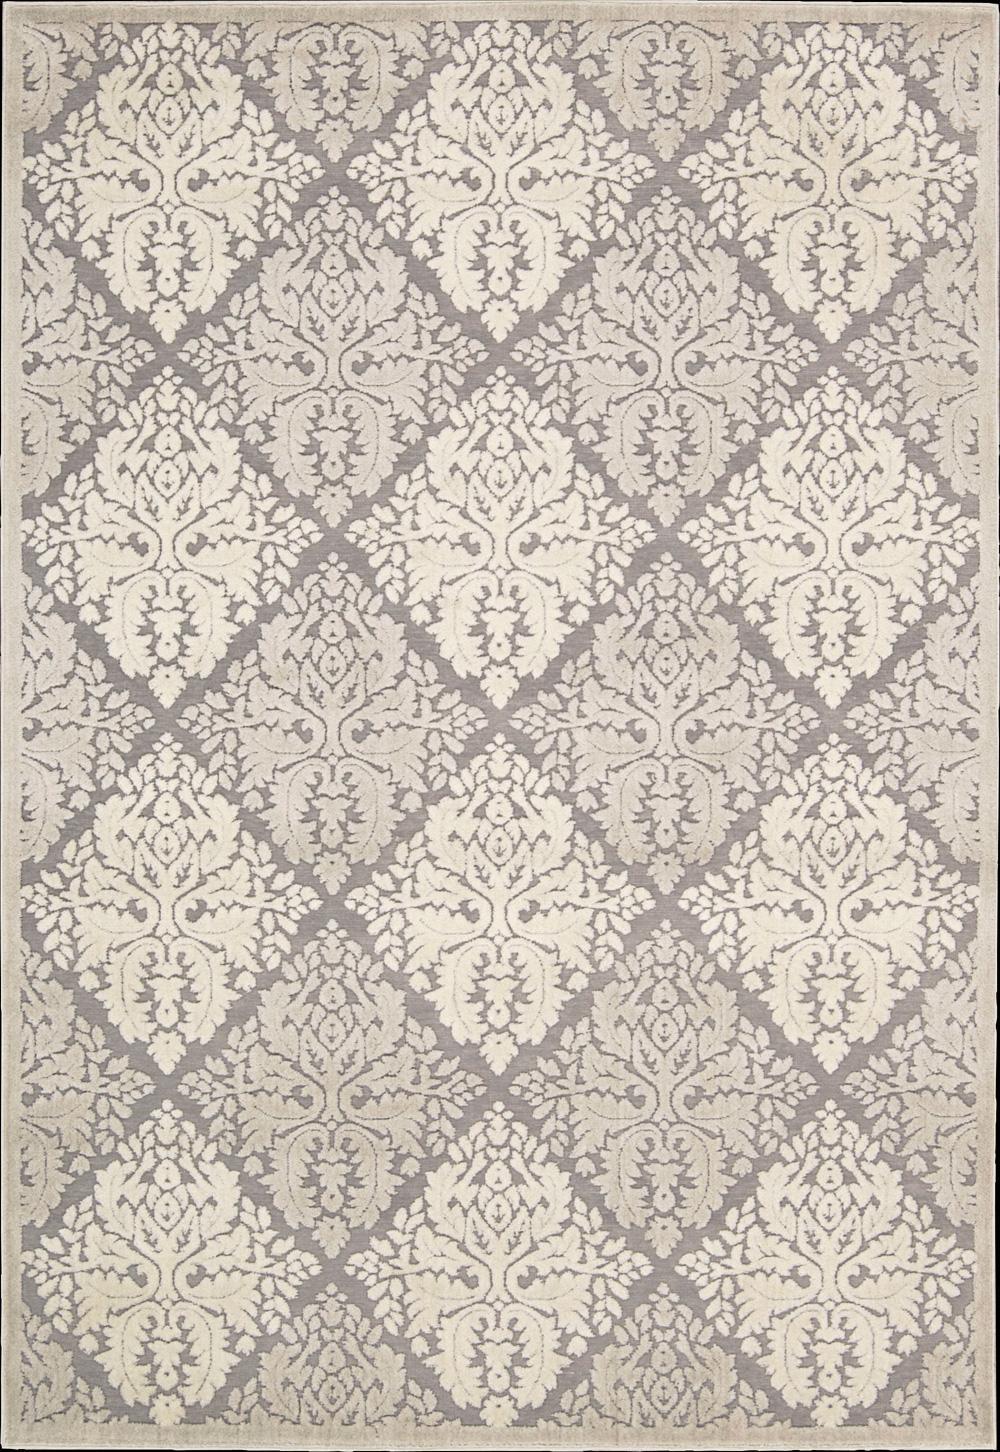 """Nourison Graphic Illusions Area Rug 3'6"""" x 5'6"""" - Item Number: 13150"""